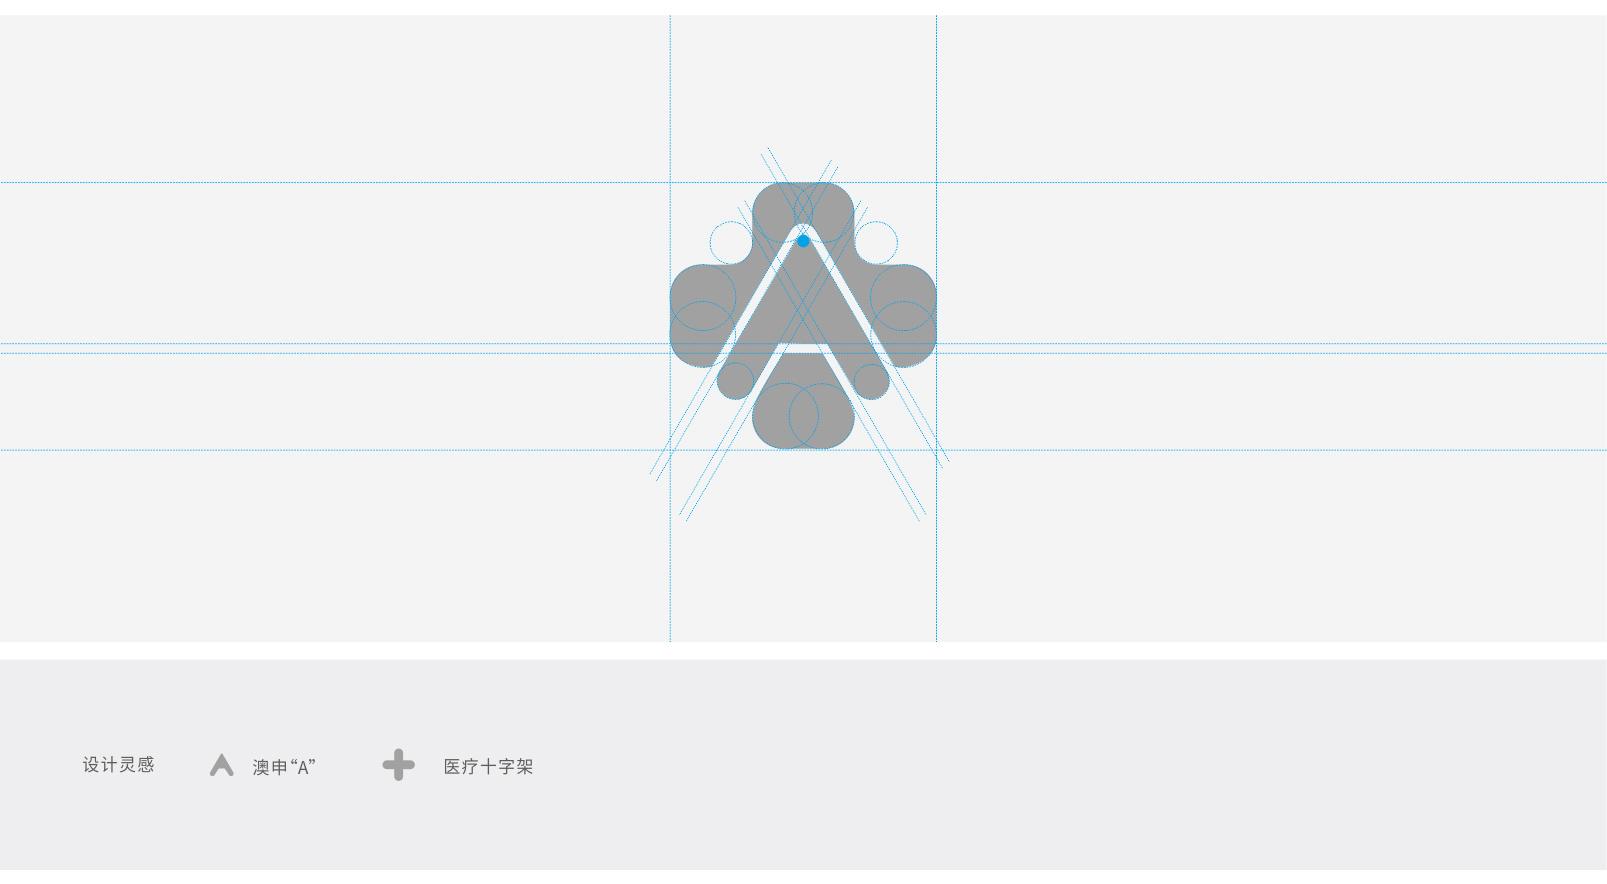 武汉标志设计公司,生物医疗logo设计